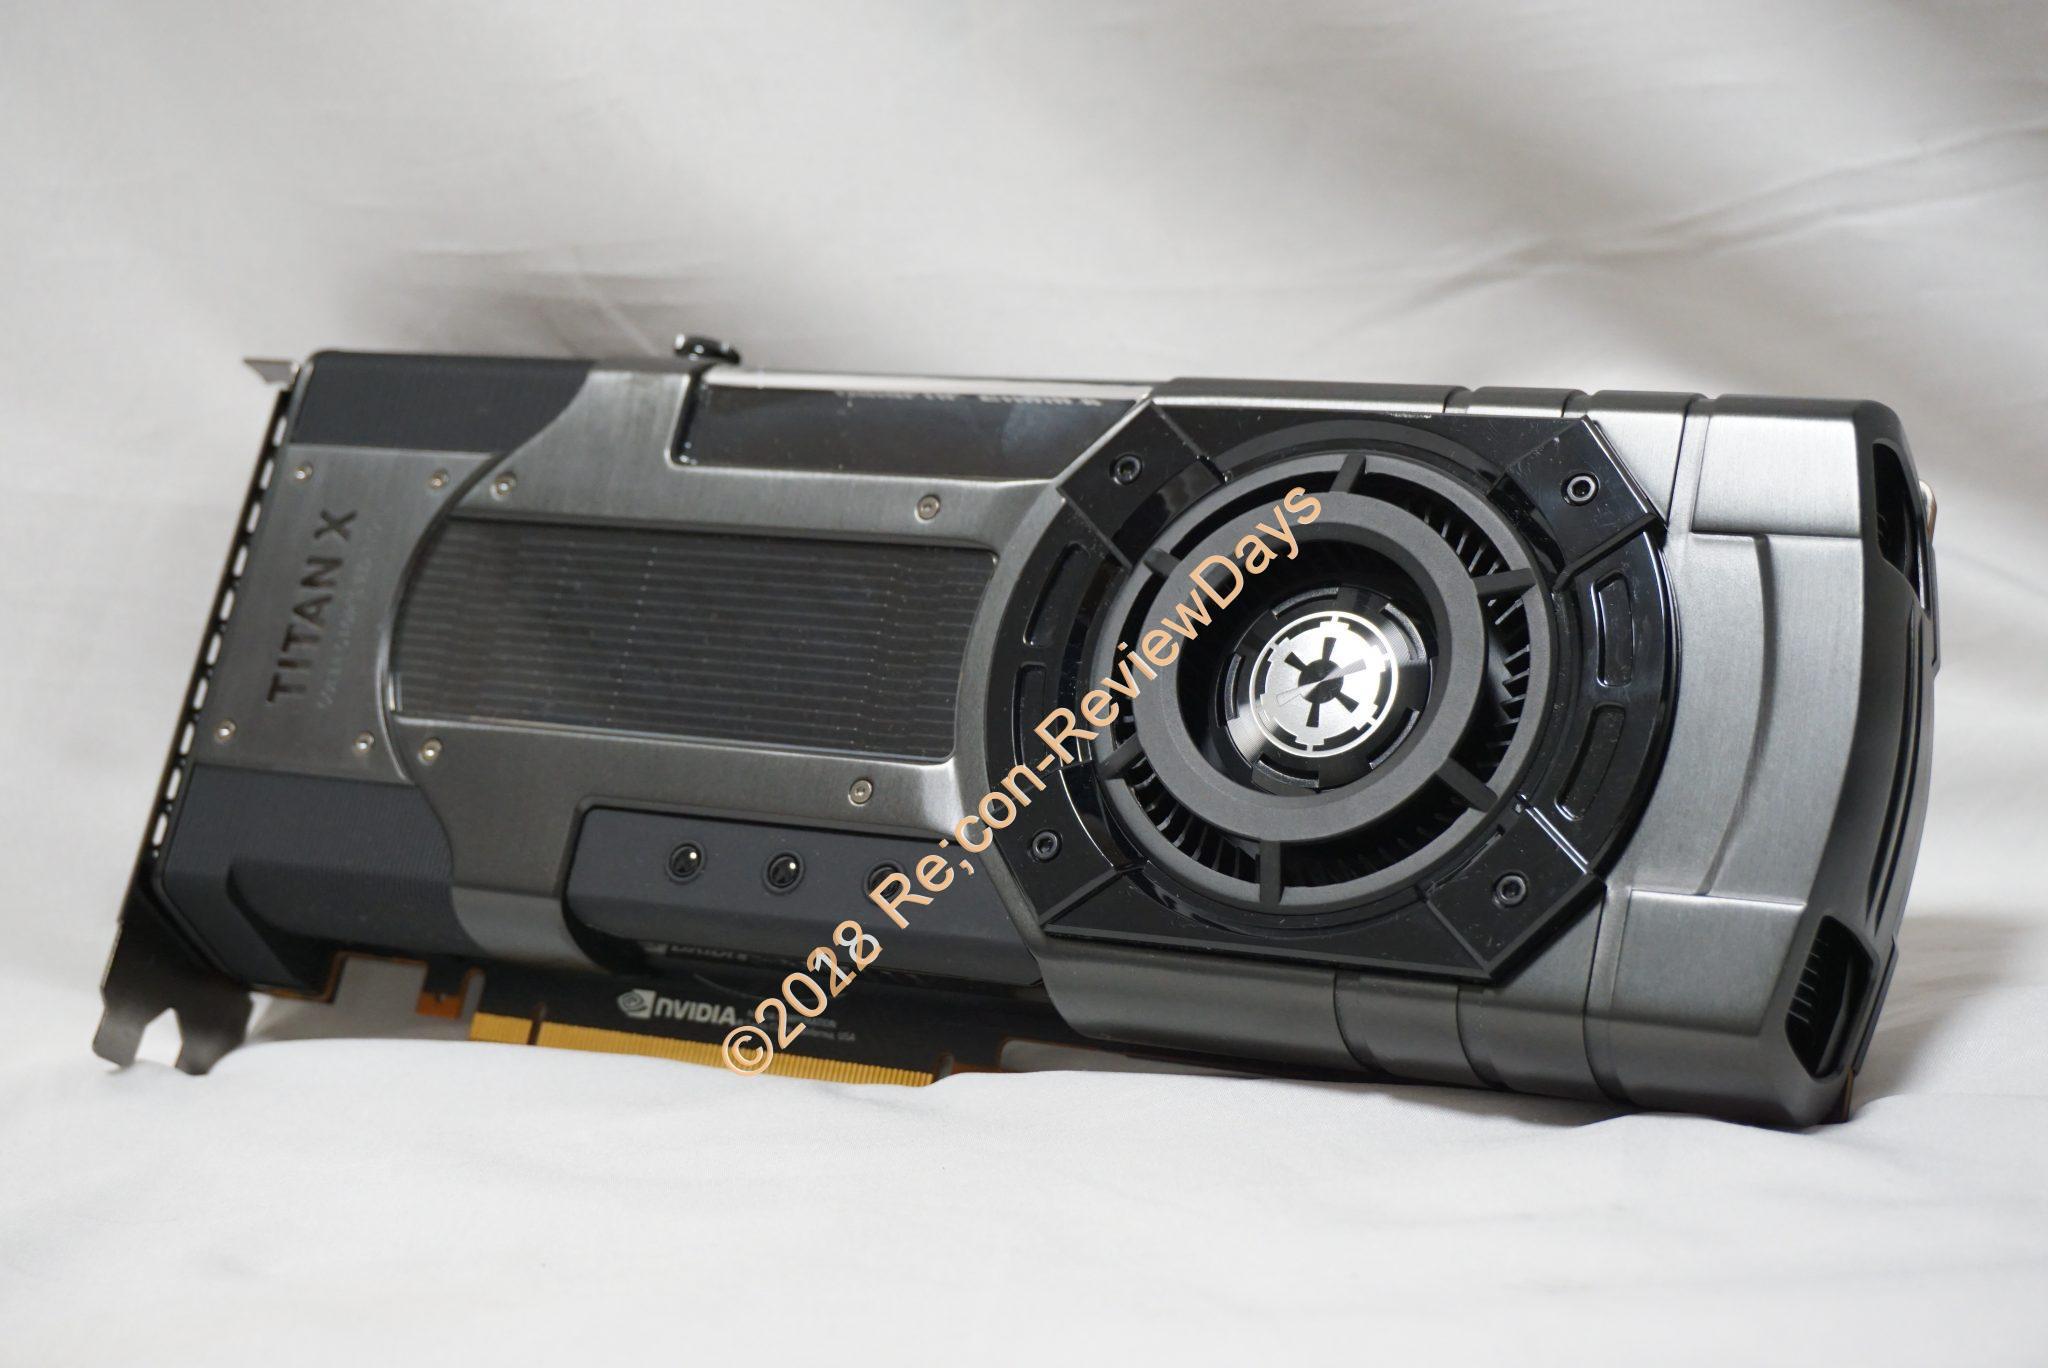 NVIDIA TITAN Xp COLLECTOR'S EDITIONを購入しました #NVIDIA #TITANXp #Pascal #GPU